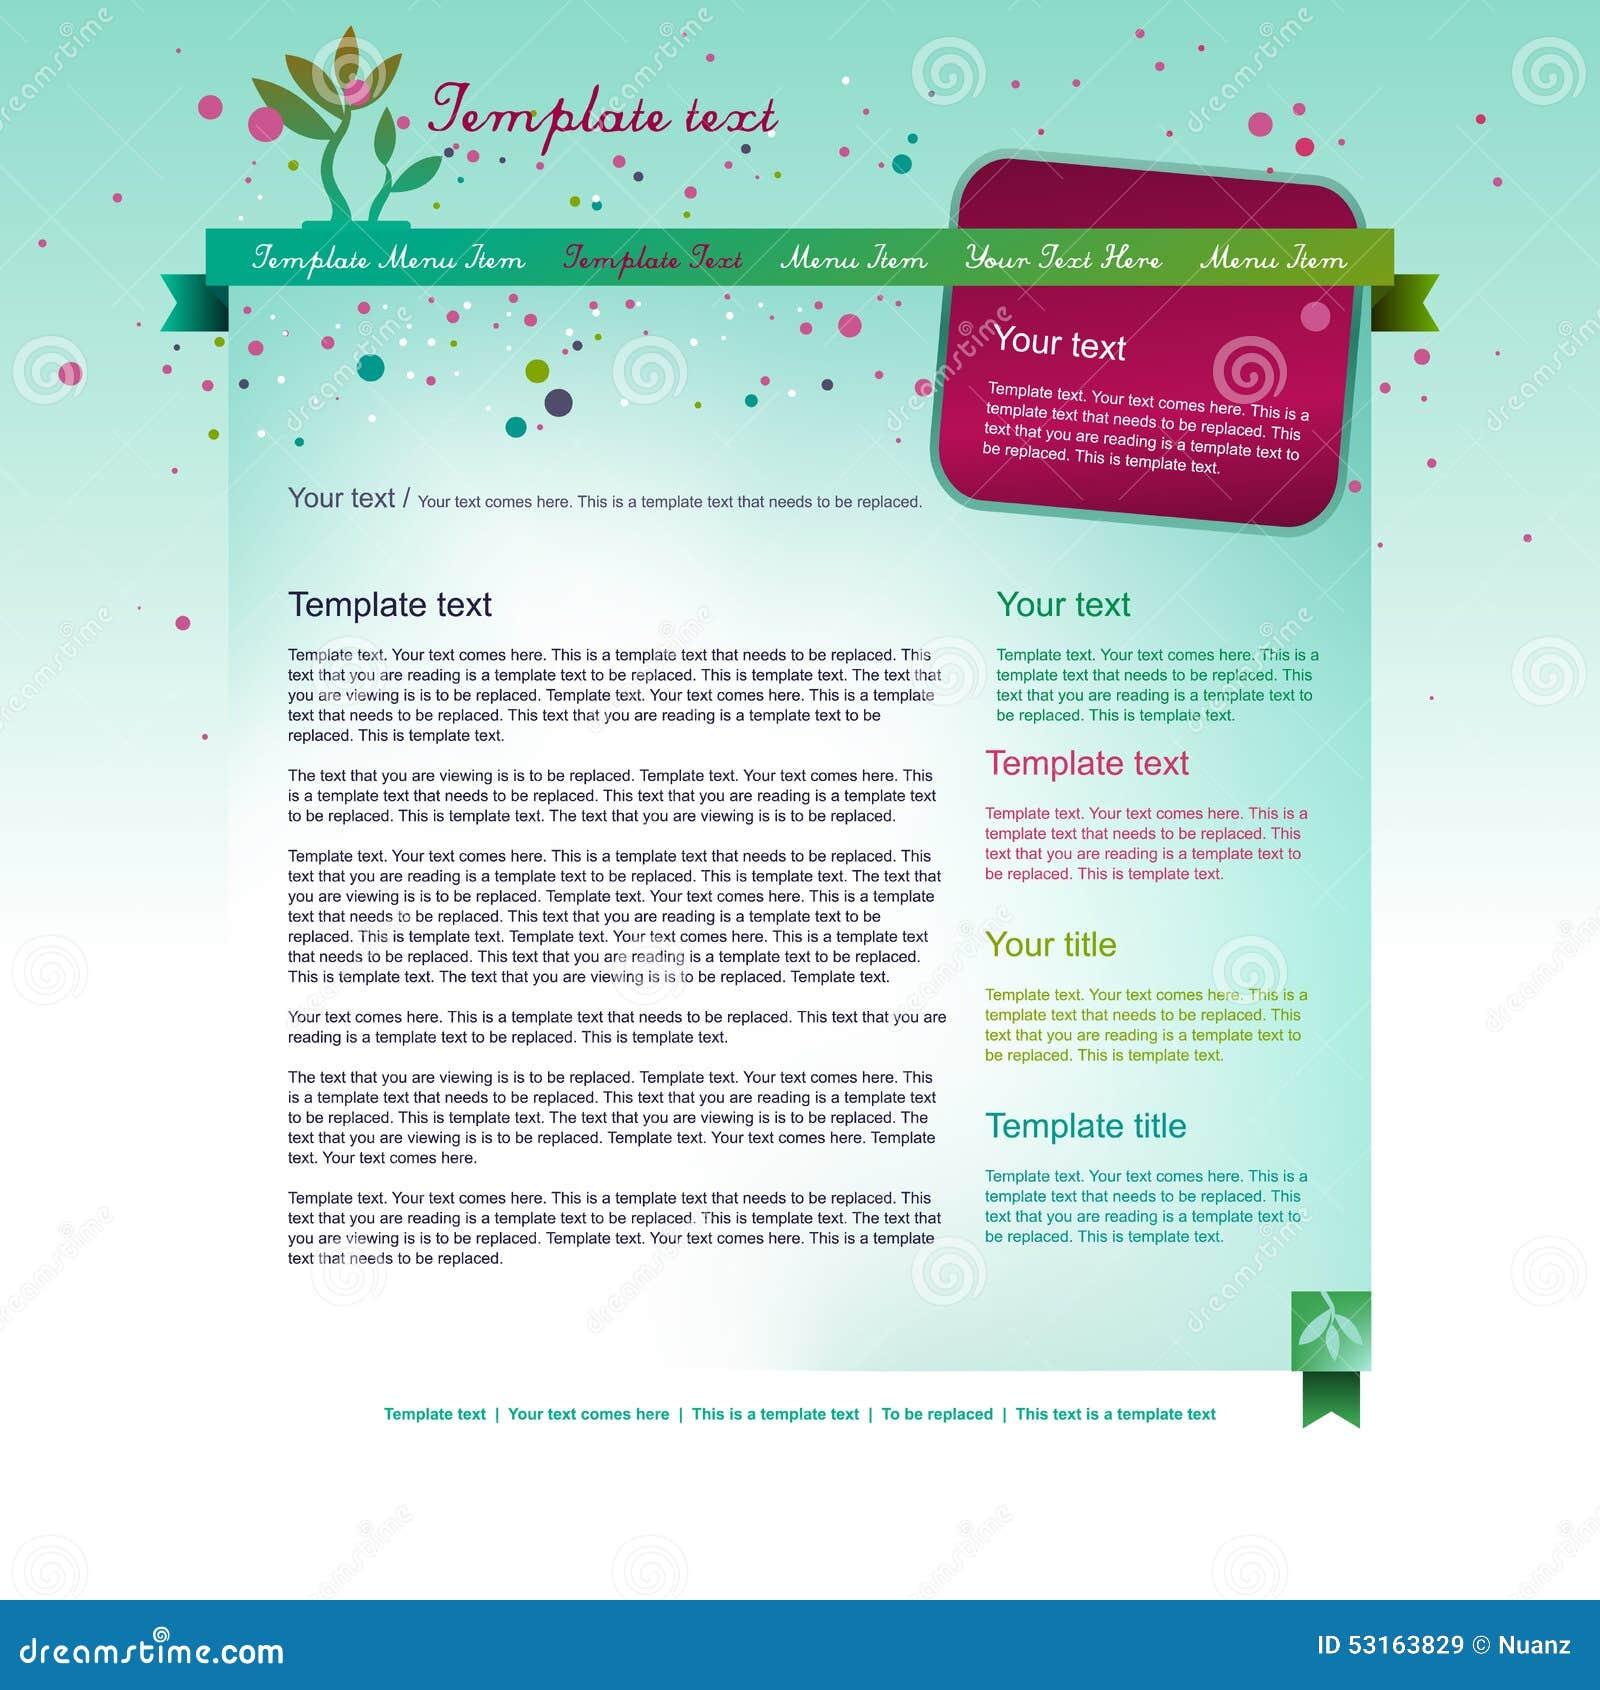 色青片大全网站_明亮的蓝色网站布局设计有花卉背景和五颜六色的倒栽跳水.